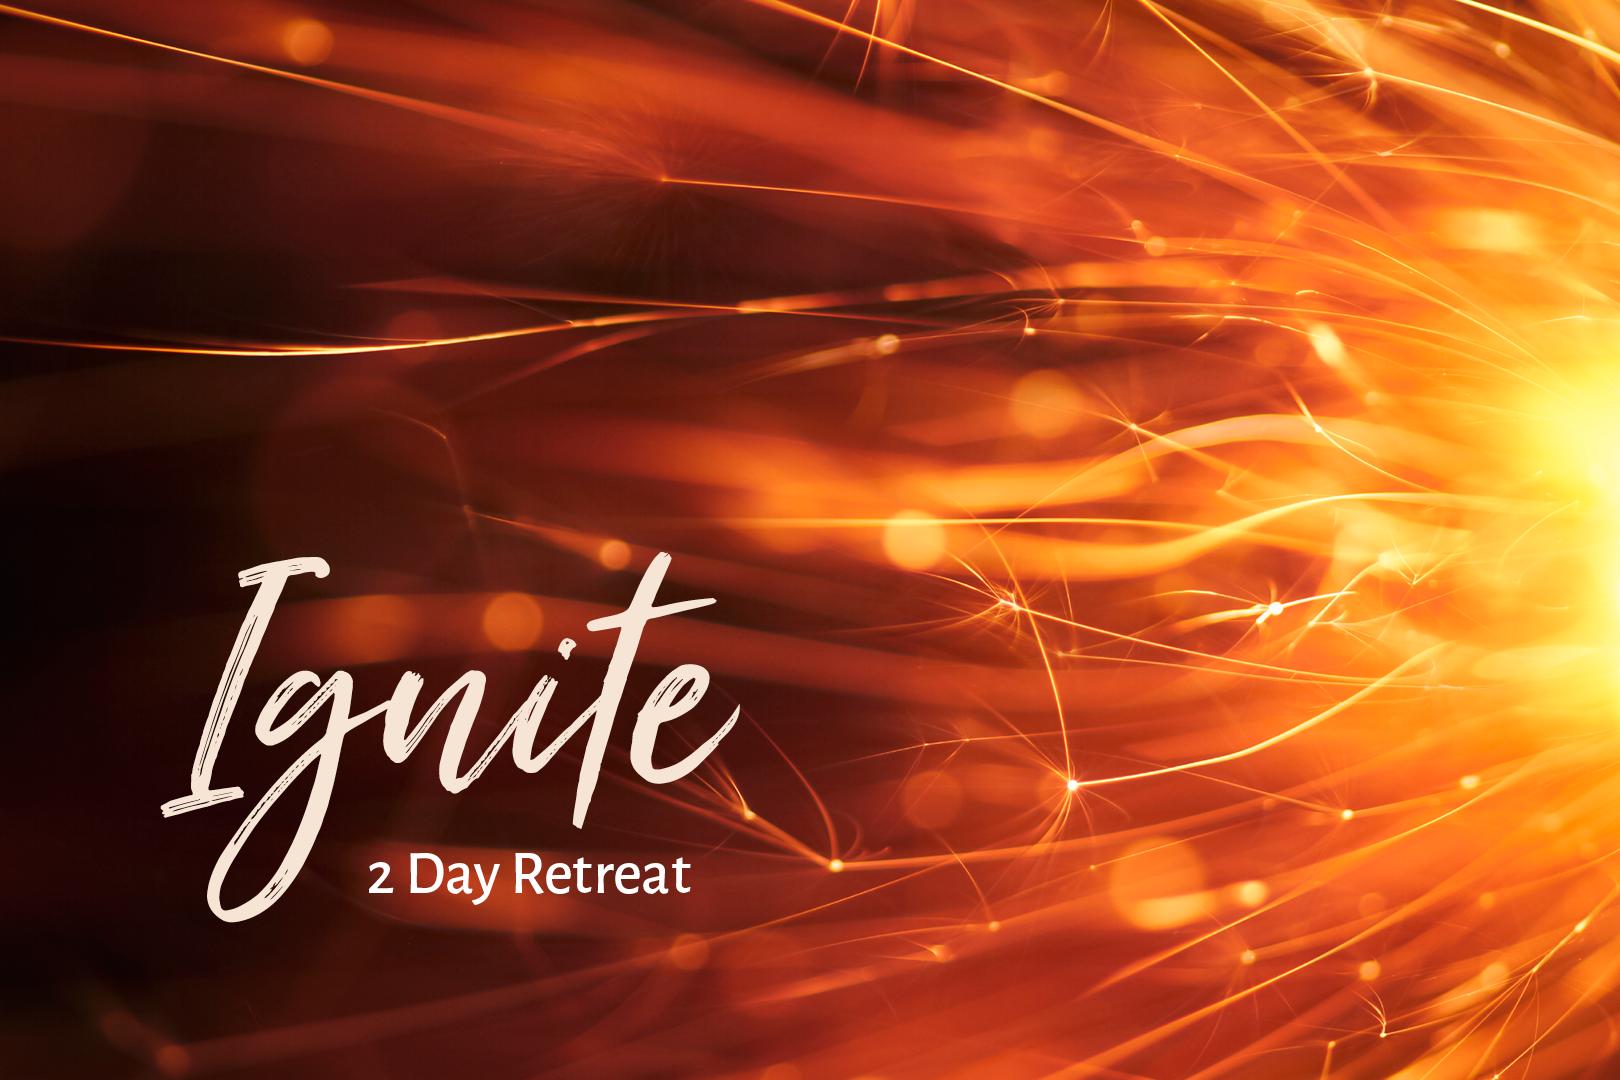 Bienestarwellbeing - Ignite 2 Day retreat